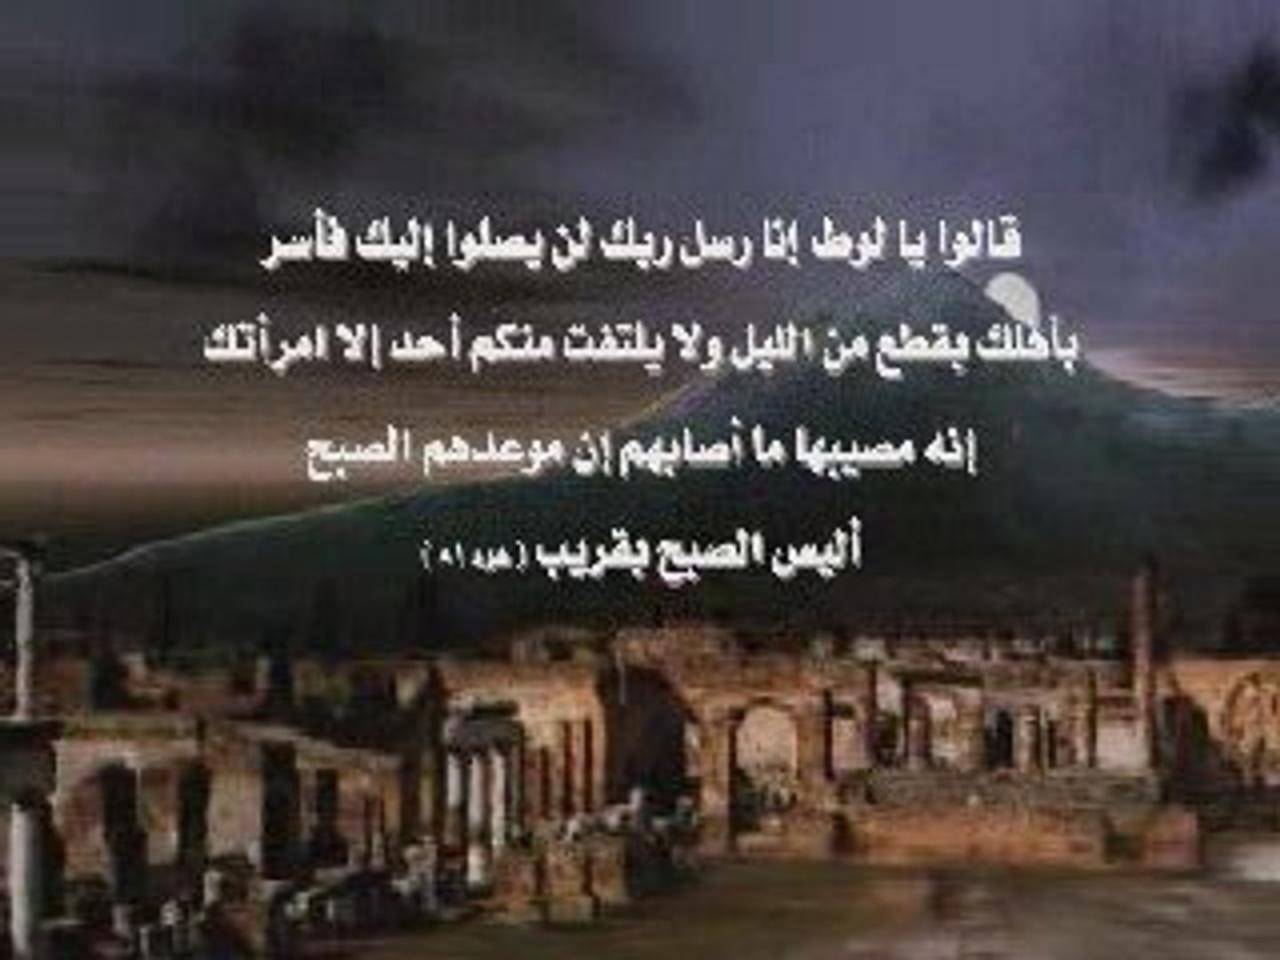 صورة قوم لوط قصة , قصه قوم لوط عليه السلام 1576 2